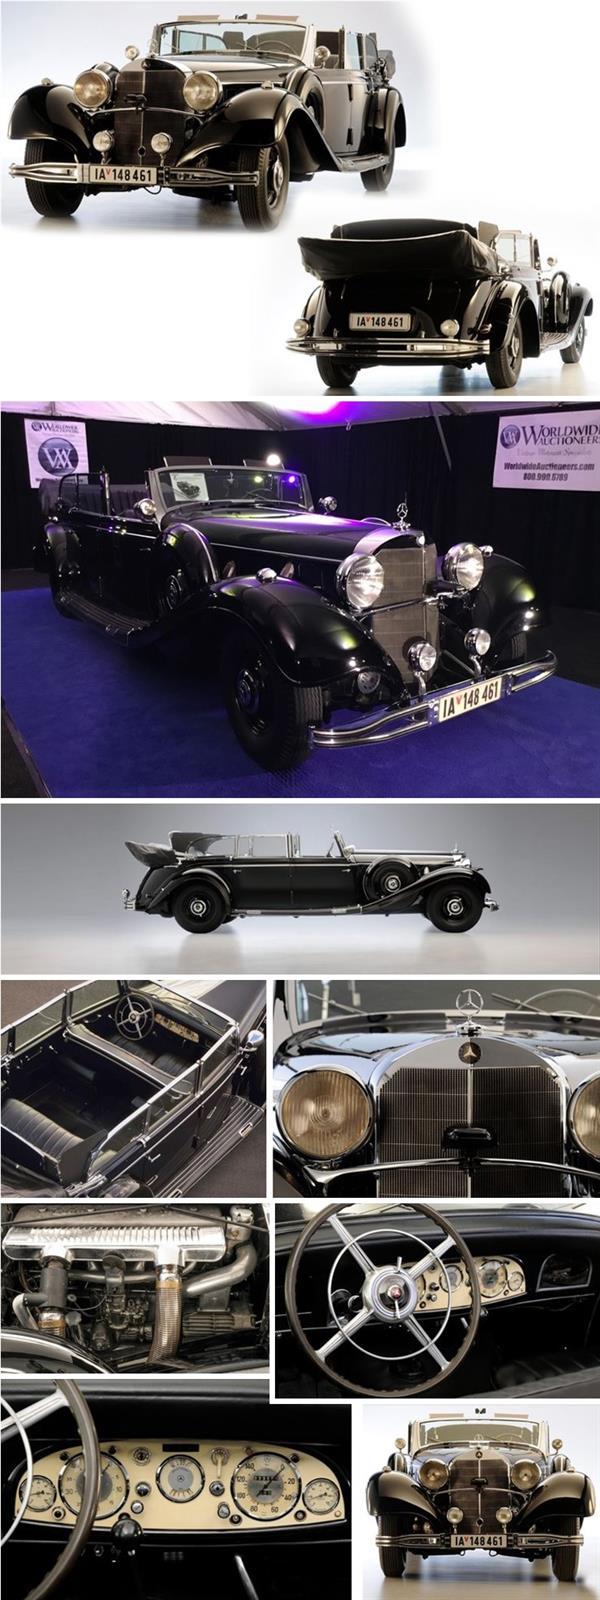 سيارة هتلر معروضة للبيع في مزاد أمريكي